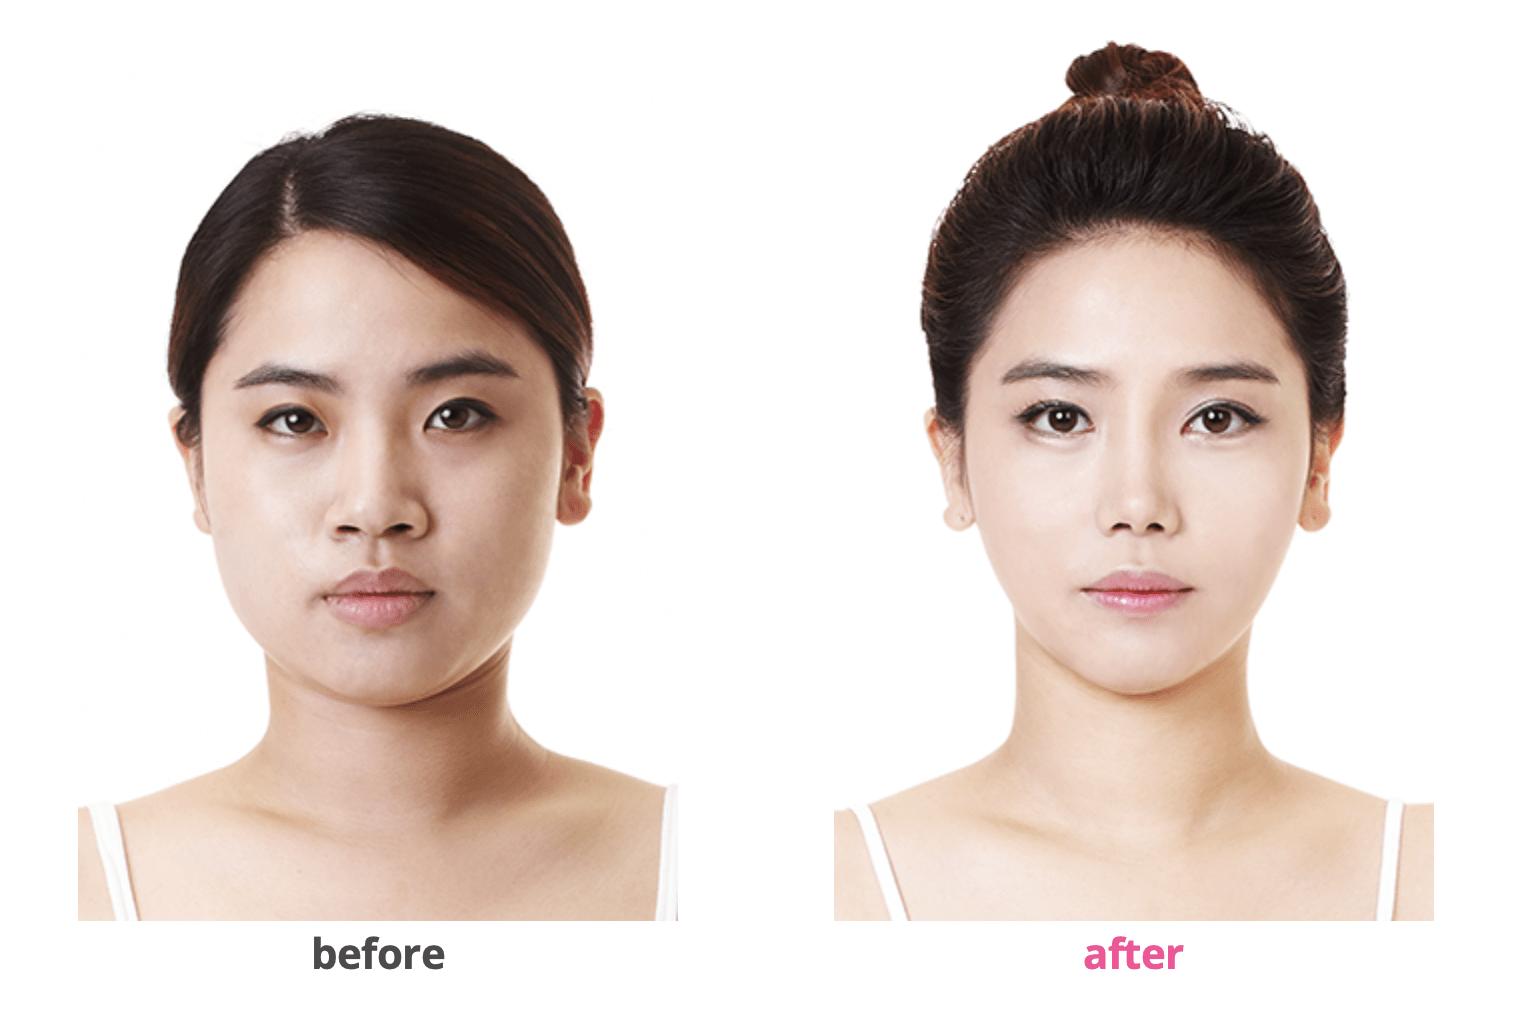 Коррекция формы лица, пластическая хирургия в Корее